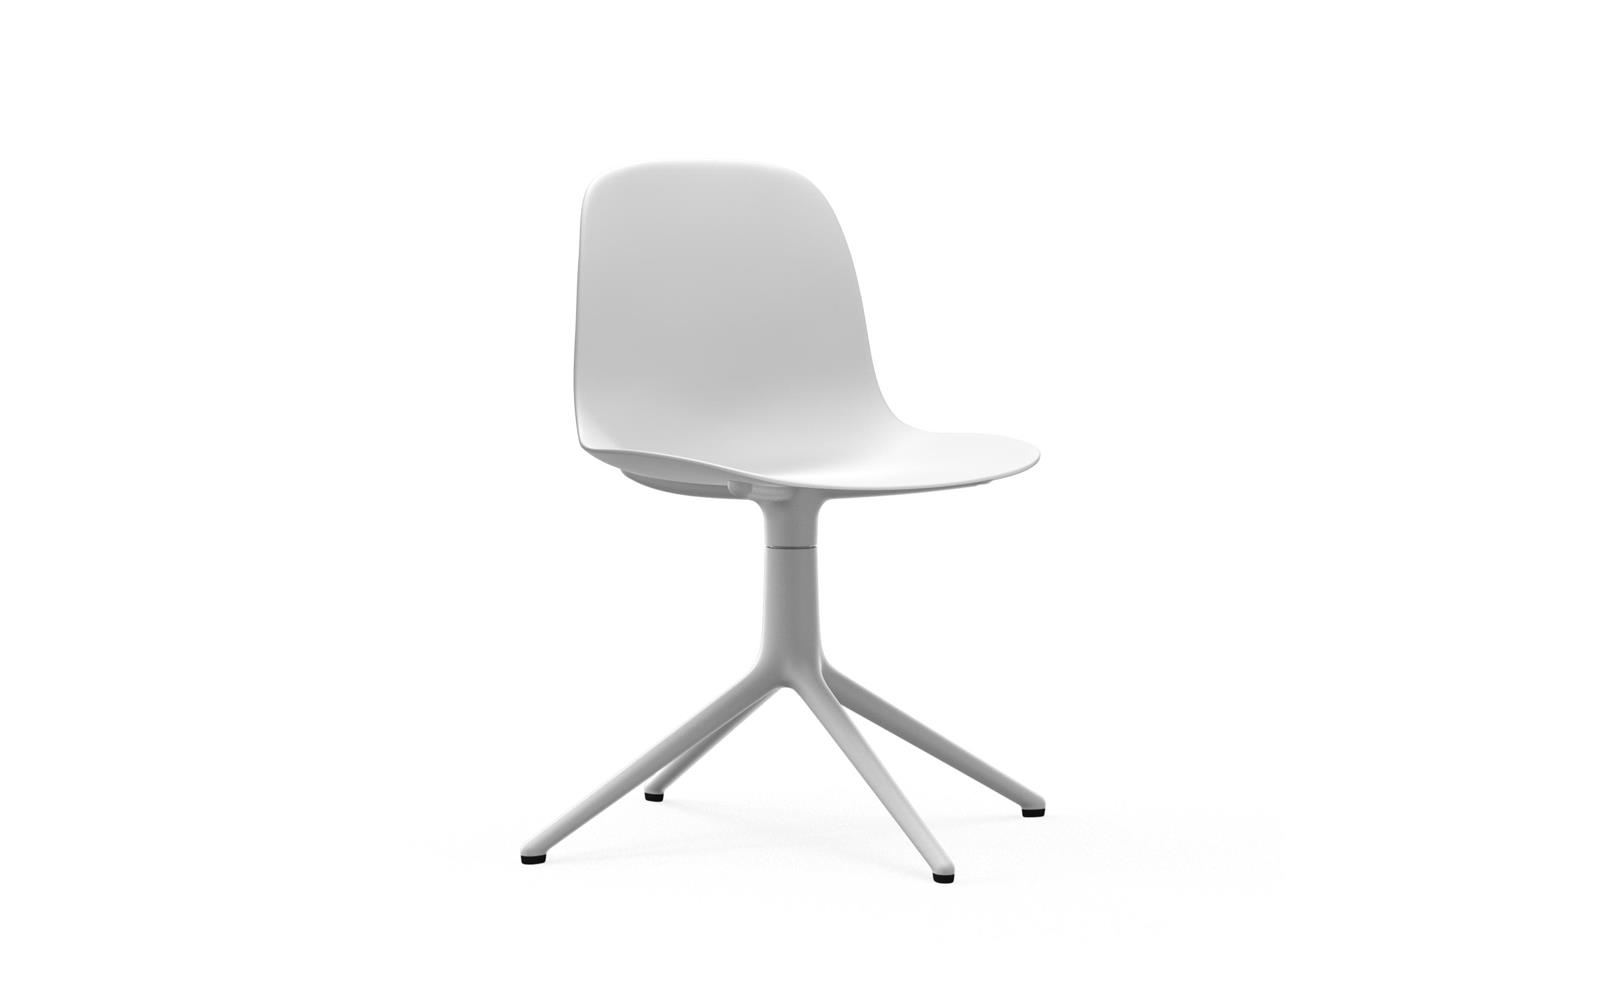 Weißer Form Stuhl mit Drehgestell | Design Stuhl